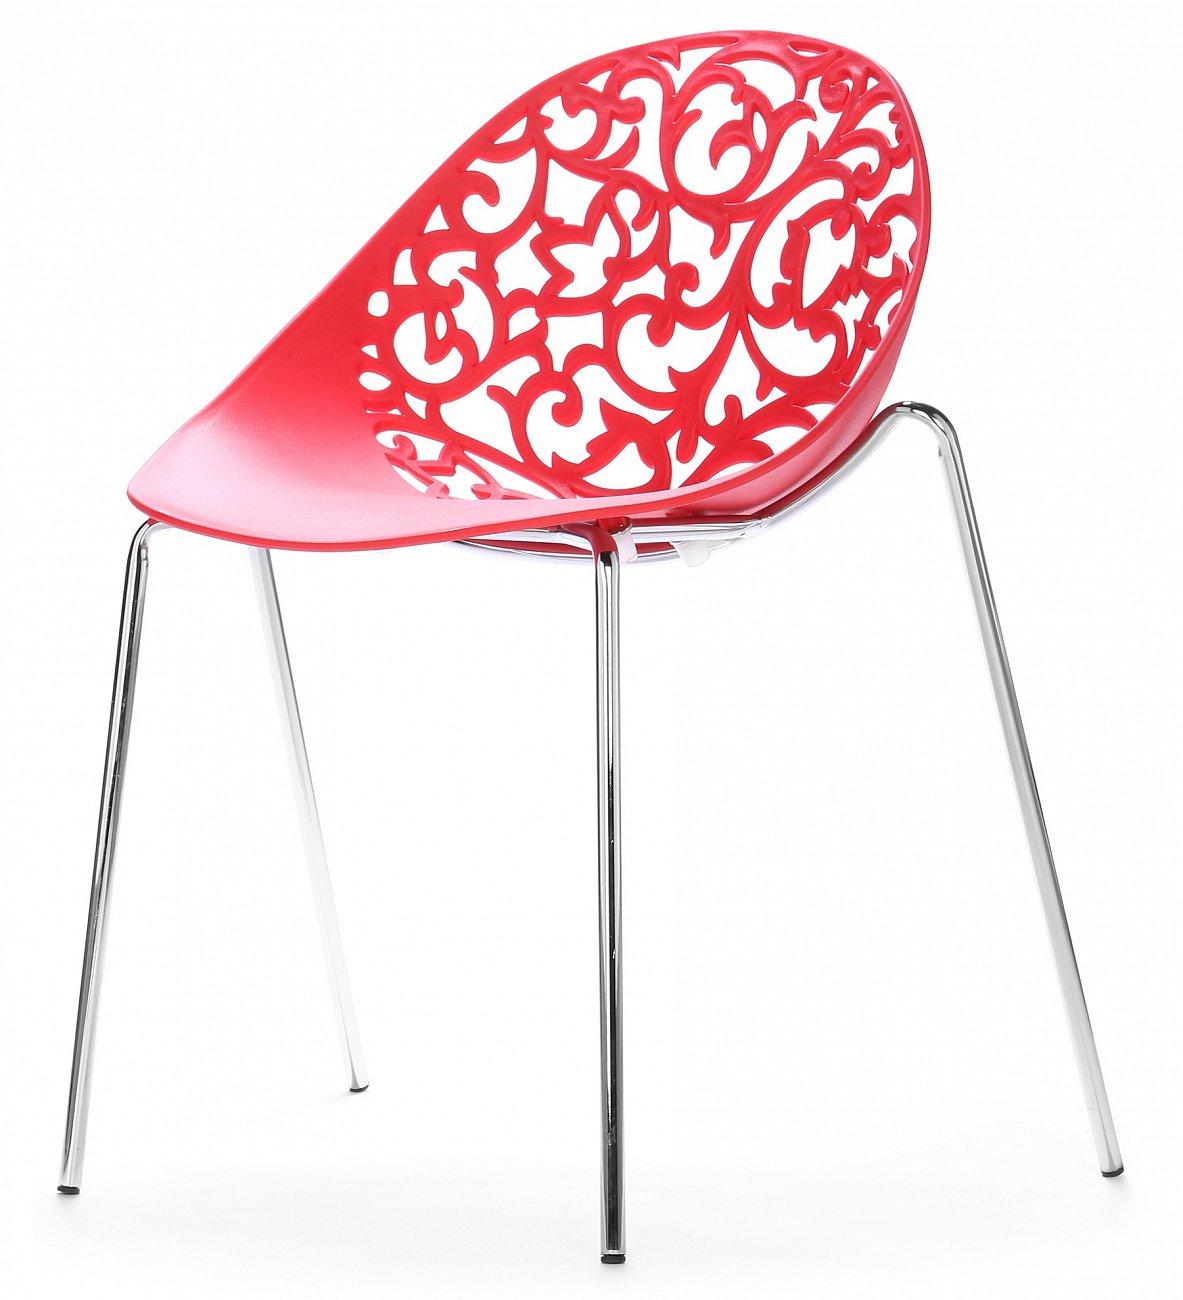 Купить Стул Aurora Красный малый в интернет магазине дизайнерской мебели и аксессуаров для дома и дачи